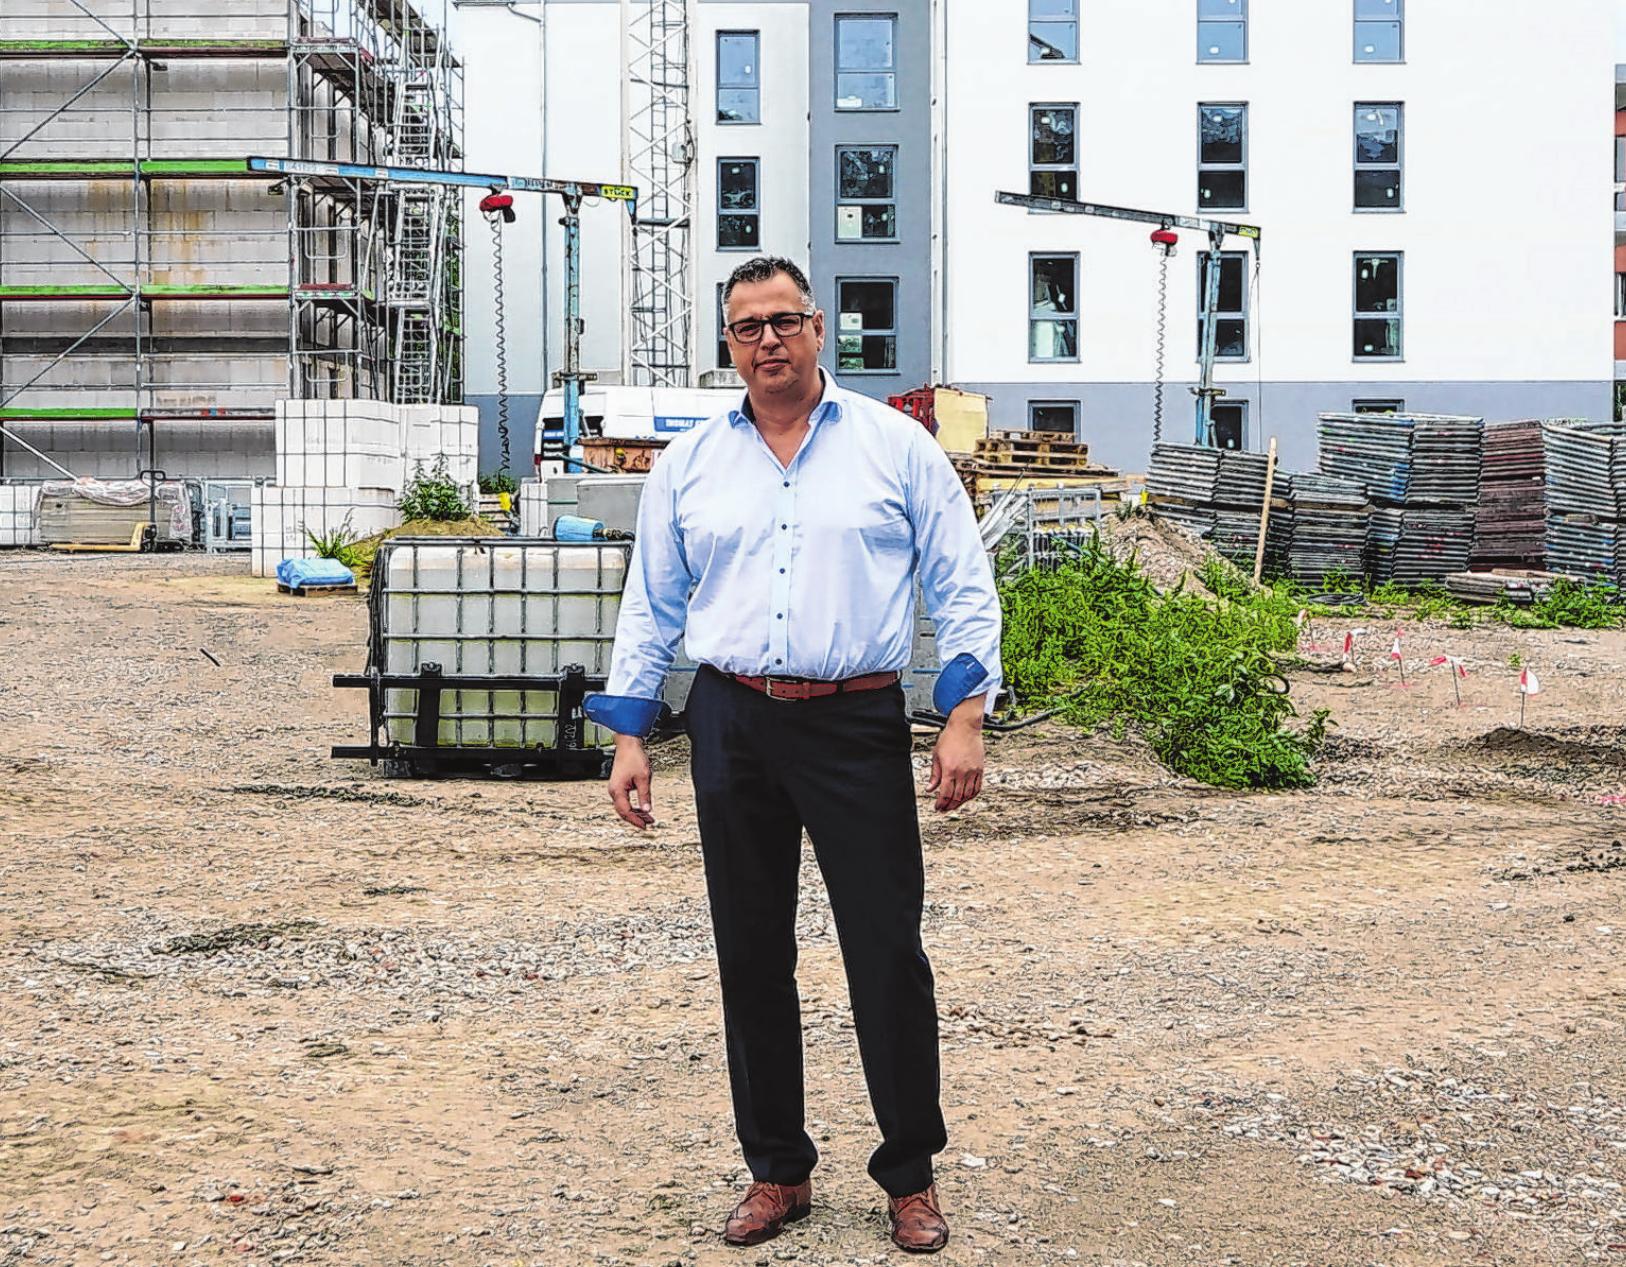 """Dirk Schulze, einer der Geschäftsführer der Unternehmensgruppe Krebs & Schulze, vor dem Wohnquartier """"An der Marina"""". Das erste Gebäude ist fast fertiggestellt, das zweite befindet sich im Bau. Fotos (2): Andrea Steinert"""